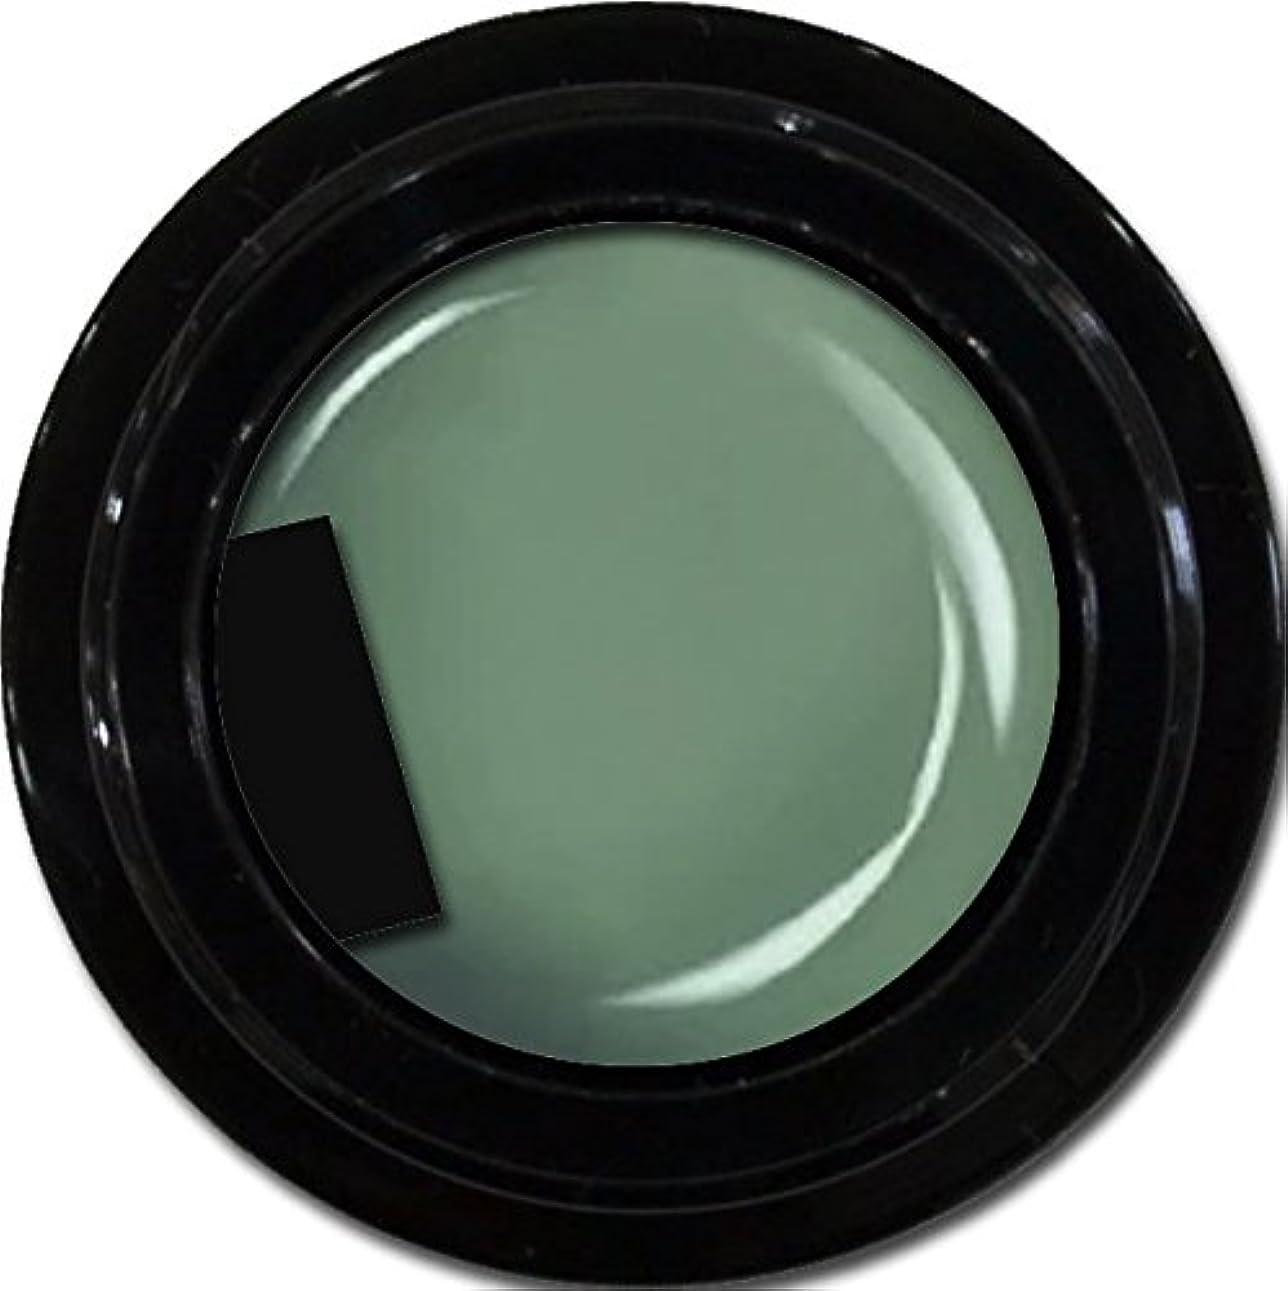 凶暴な幽霊証言するカラージェル enchant color gel M714 Army 3g/ マットカラージェル M714 アーミー 3グラム